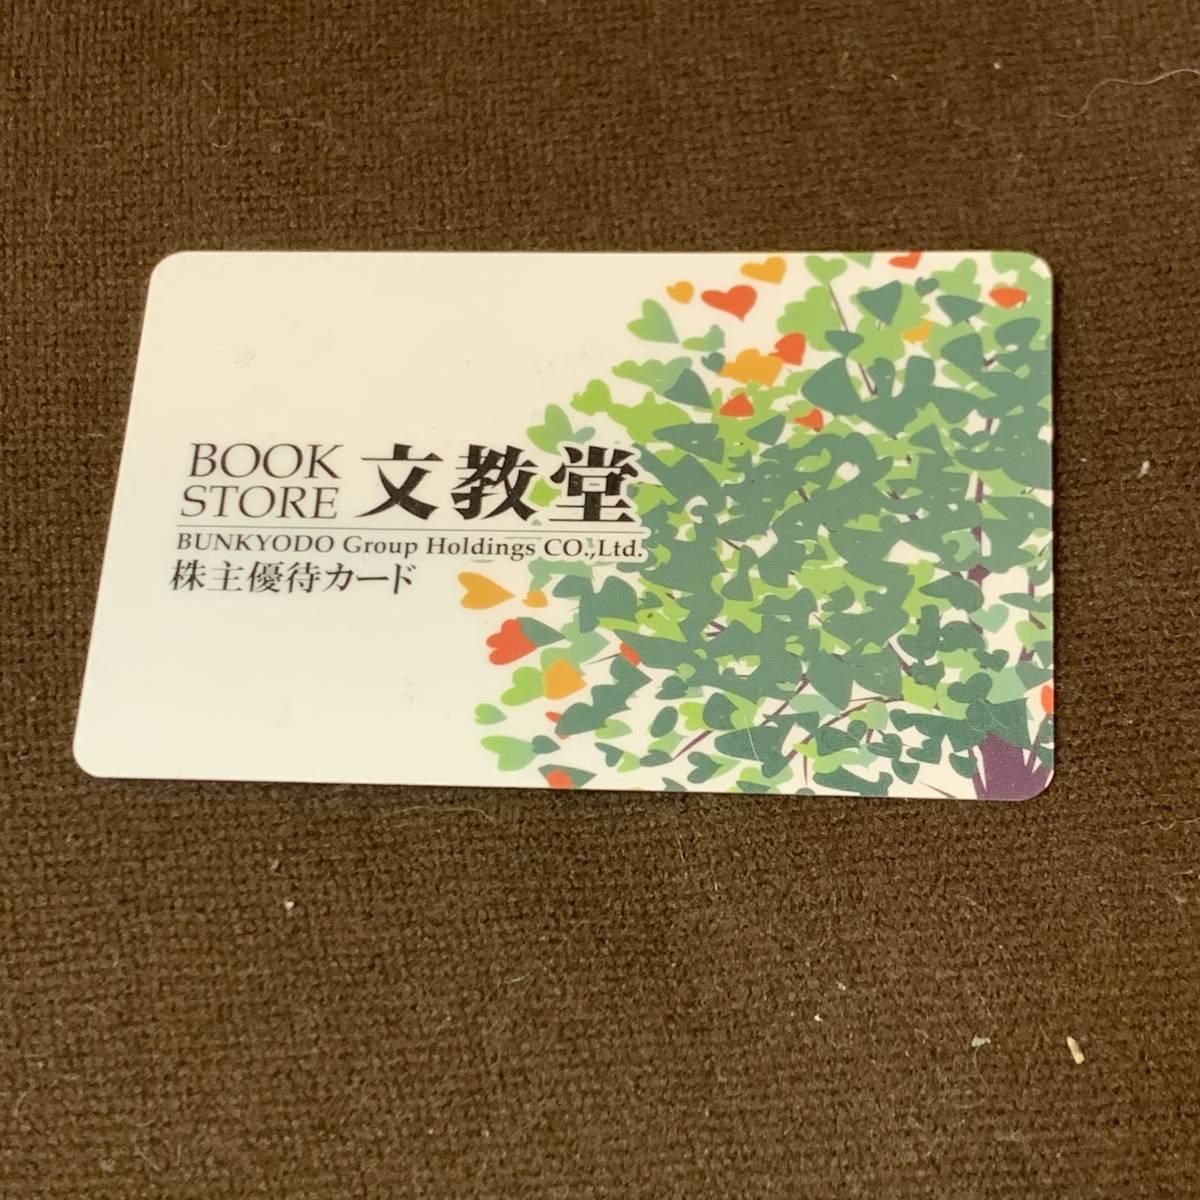 【最新】 文教堂 株主優待 5%off 2021年10月31日まで 送料63円~_画像1